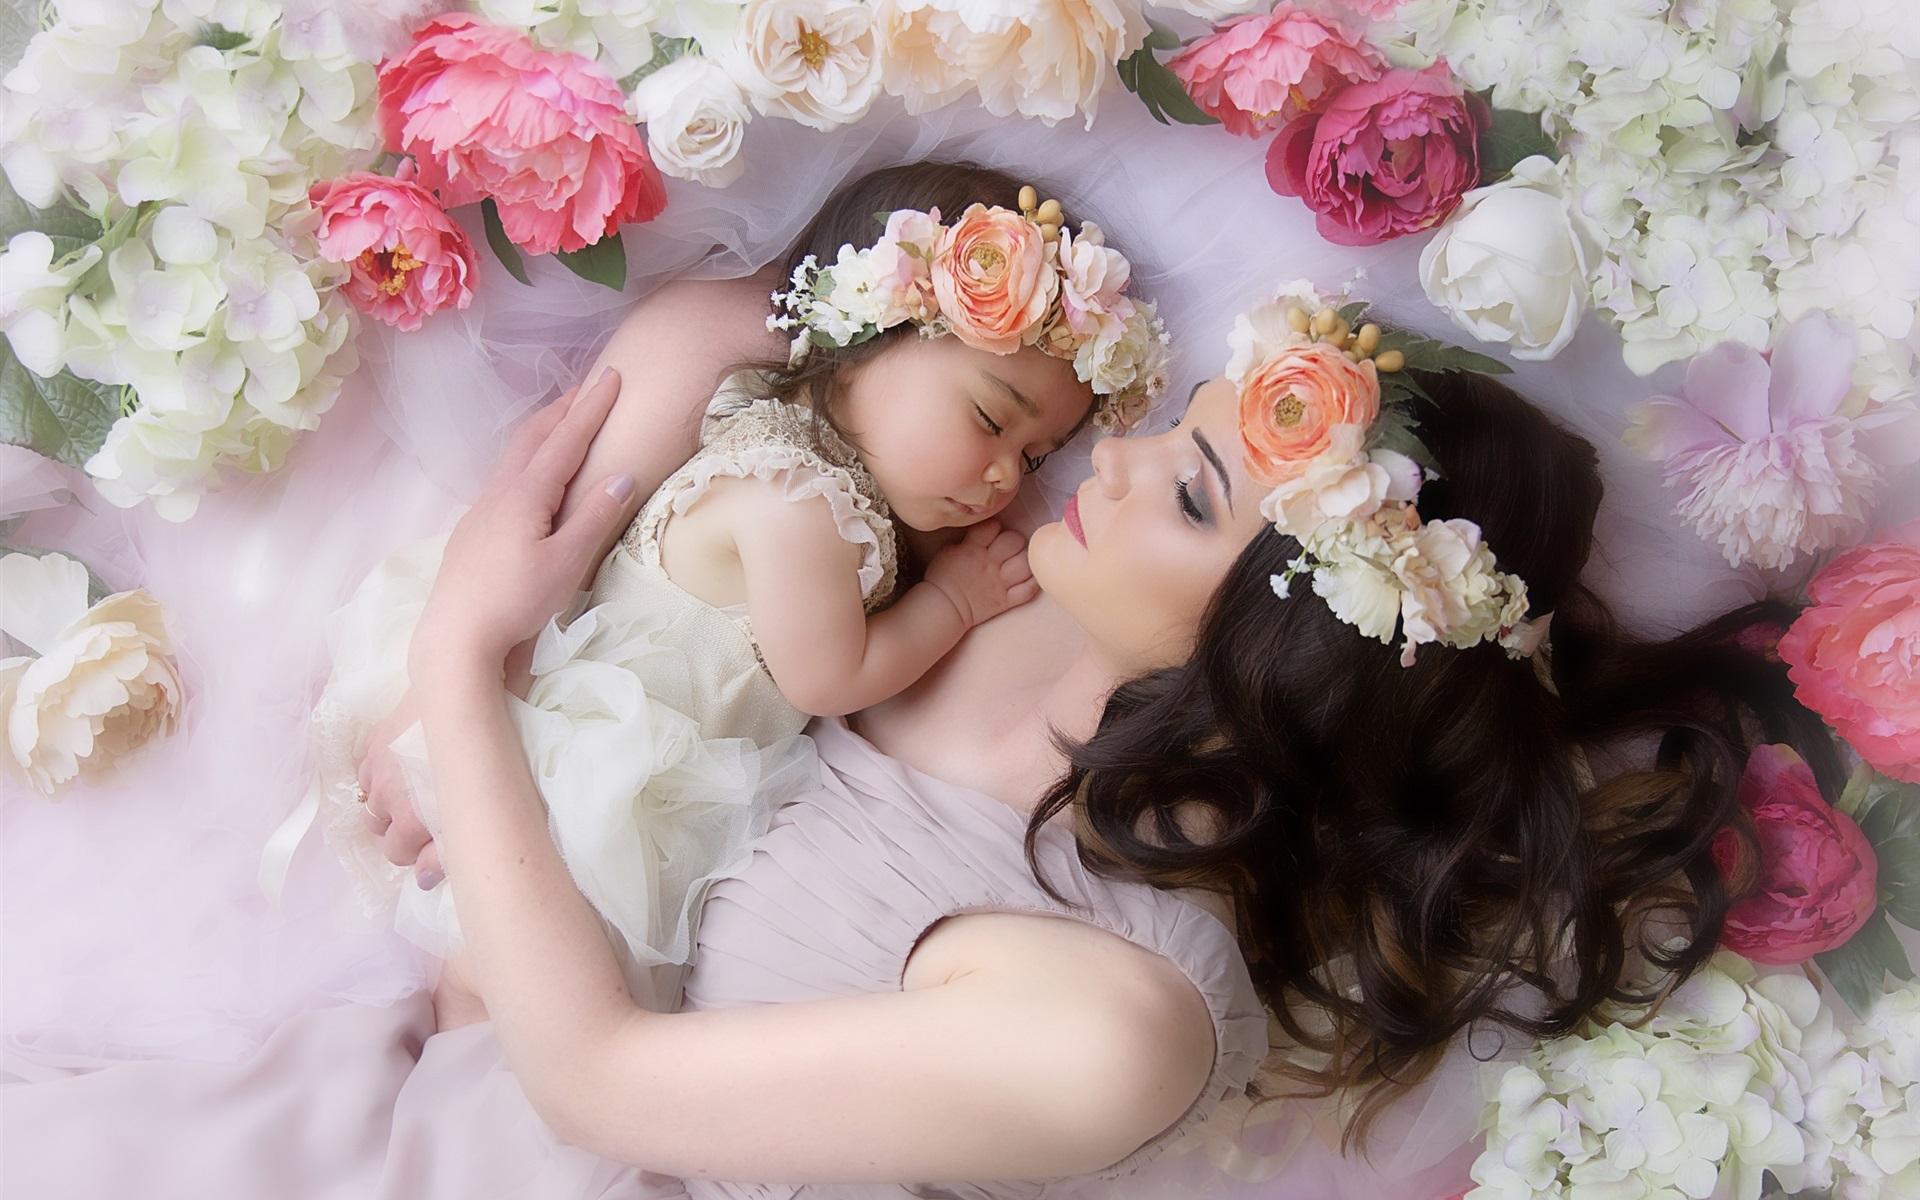 были красивые картинки про дочь и мать этом альбоме